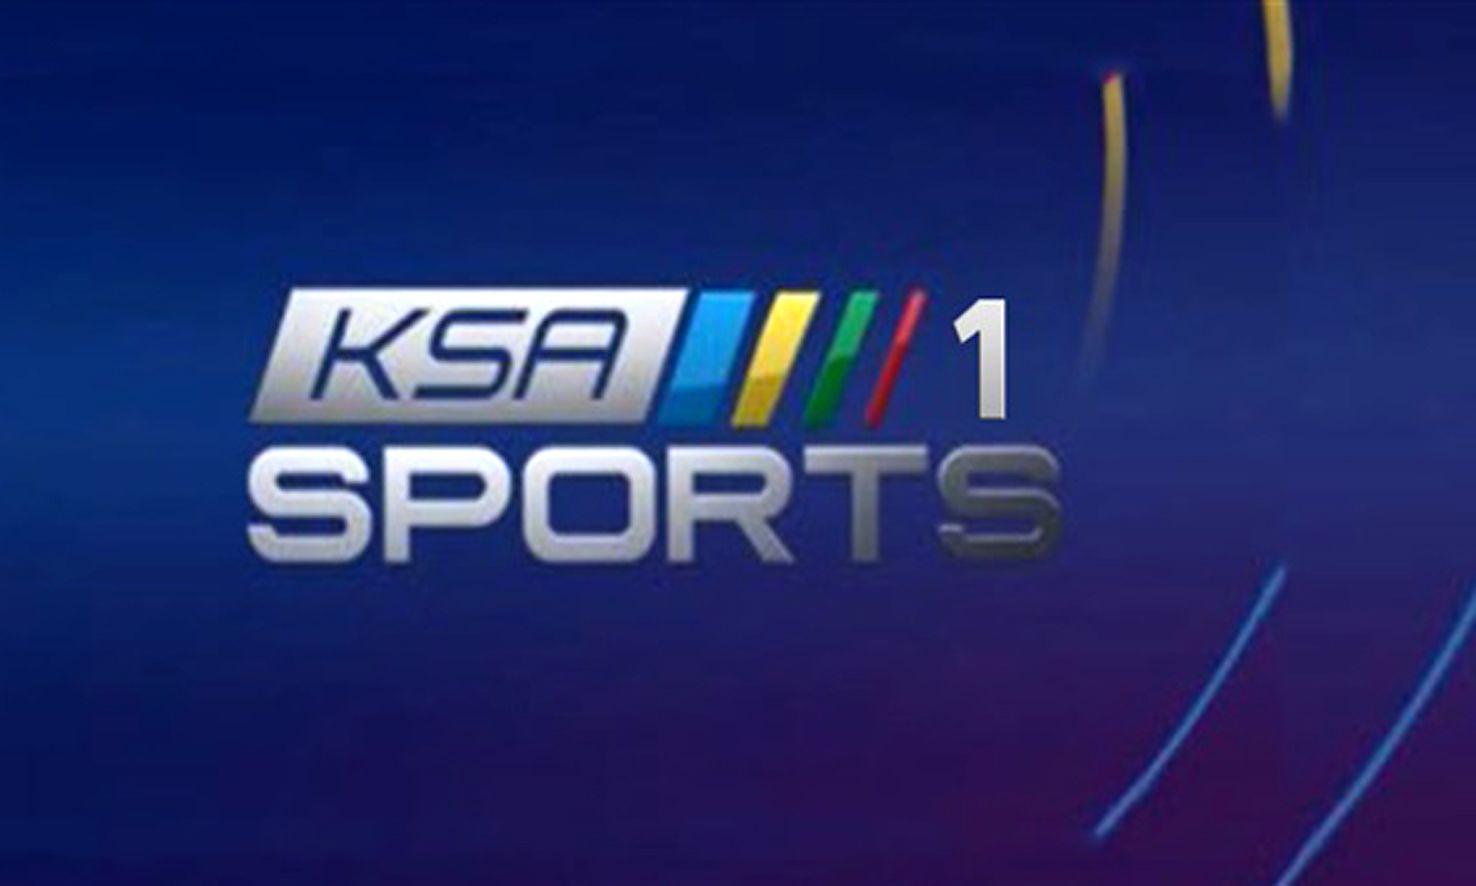 تردد قناة الرياضية السعودية 1 Sport Ksa الجديد 2020 على نايل سات In 2020 Tech Company Logos Company Logo Ibm Logo